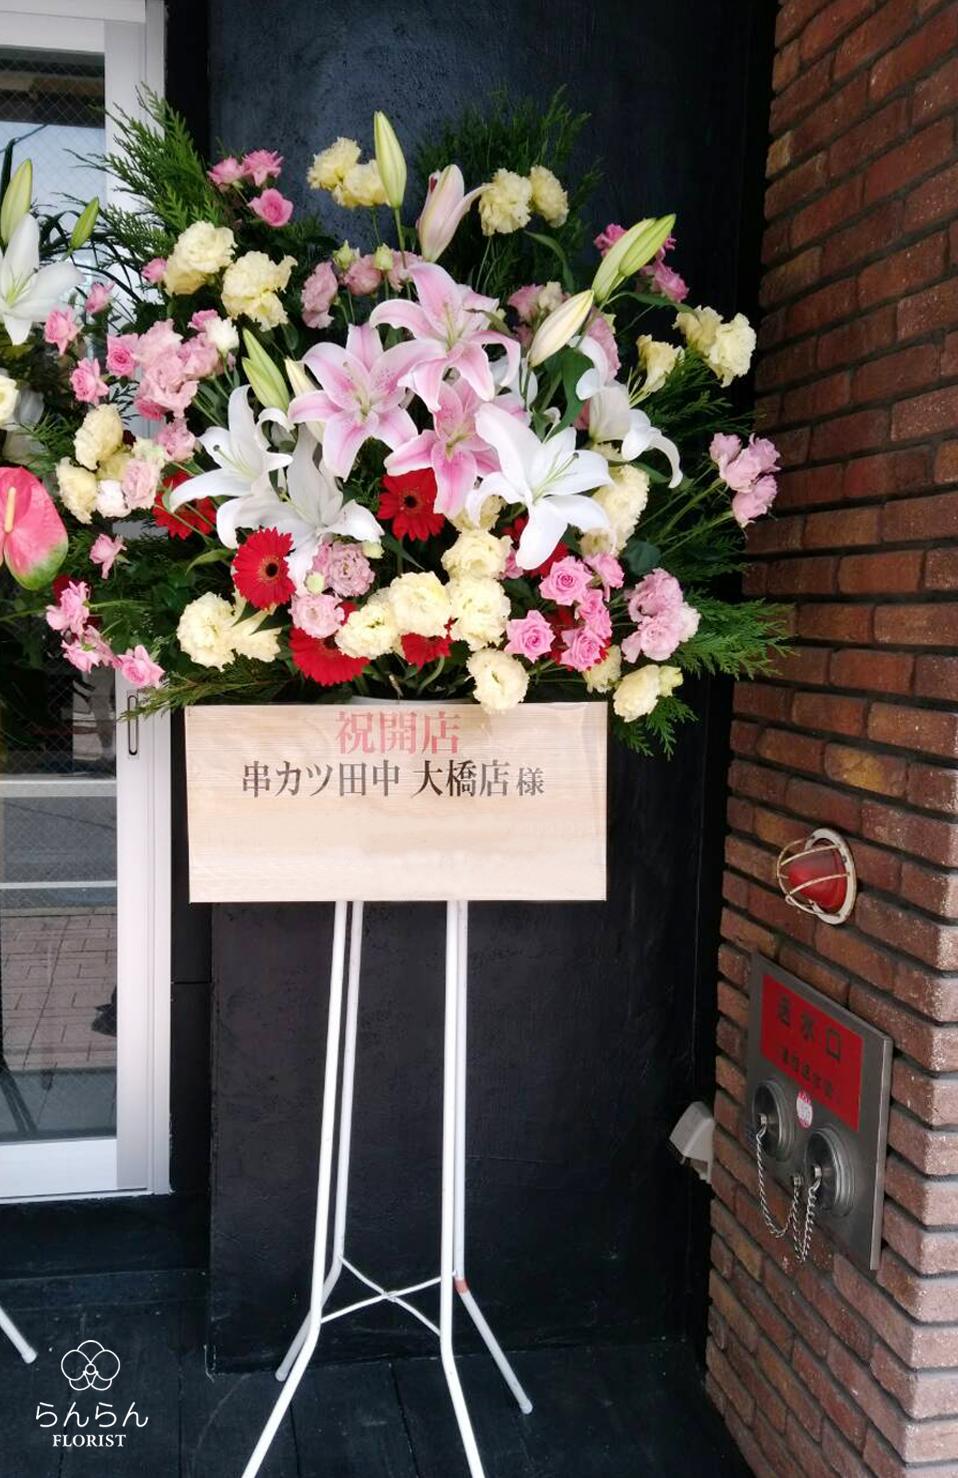 串カツ田中 大橋店 スタンド花